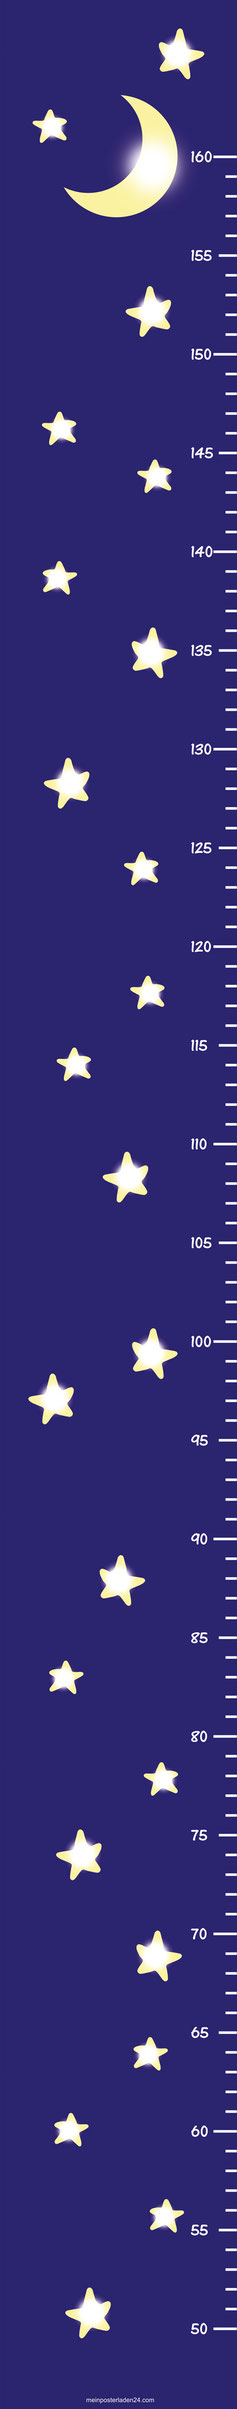 schmale selbstklebende Messlatte für Türrahmen - blau mit Mond Sternchen